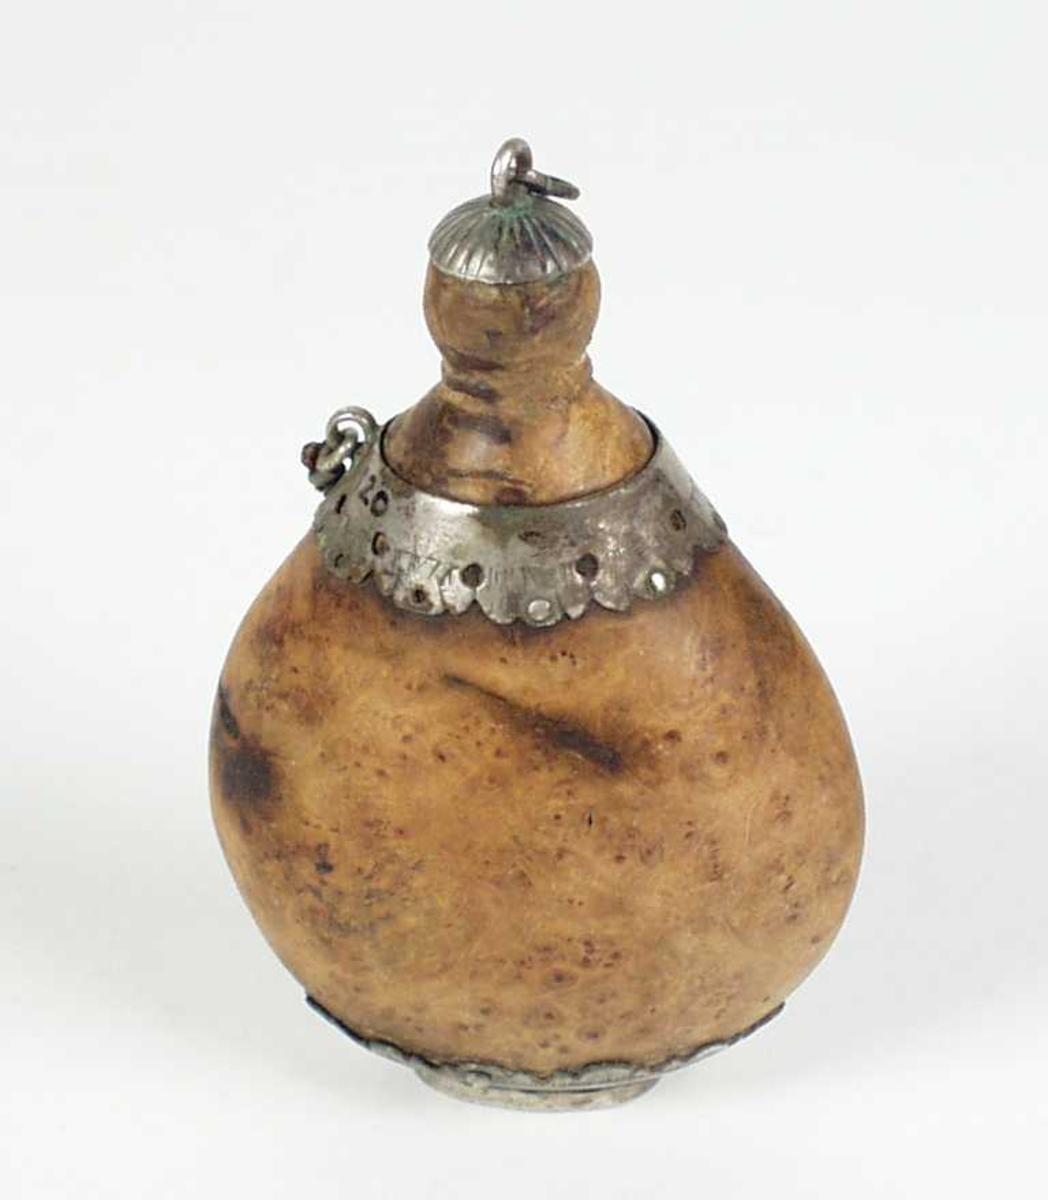 Snusflaske i valbjørk. Den har en liten skrukork og sølv dekor. Det har vært en lenke til, men den mangler.